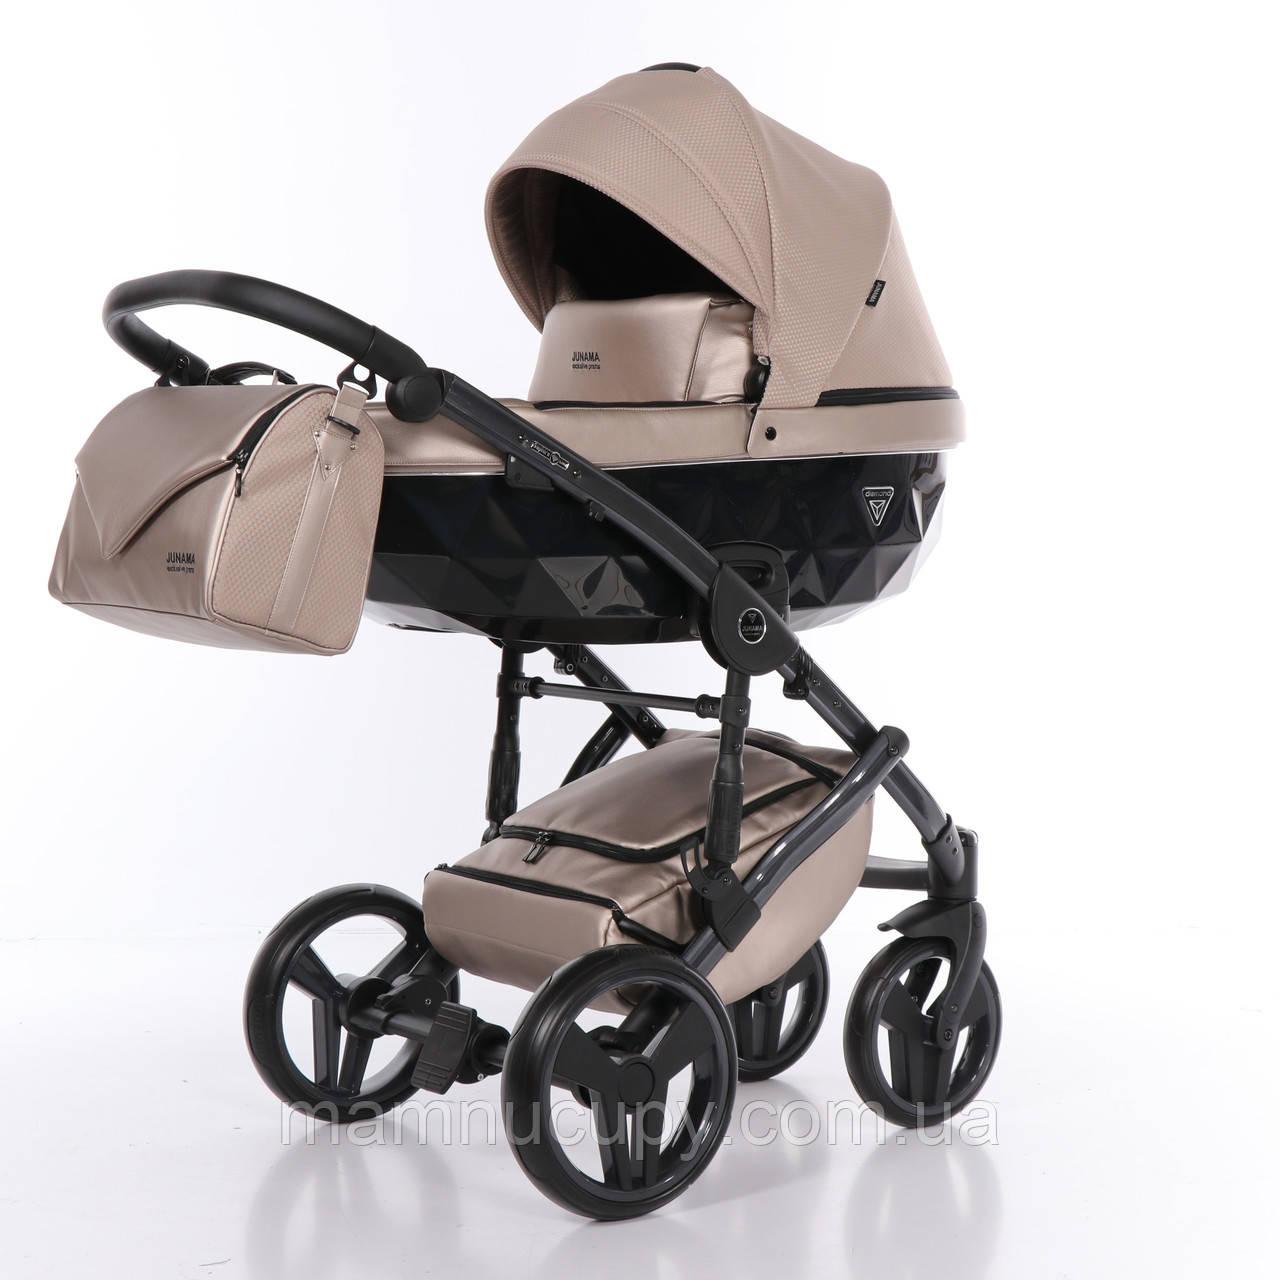 Детская универсальная коляска 2 в 1 Junama Diamond Saphire Eco 06